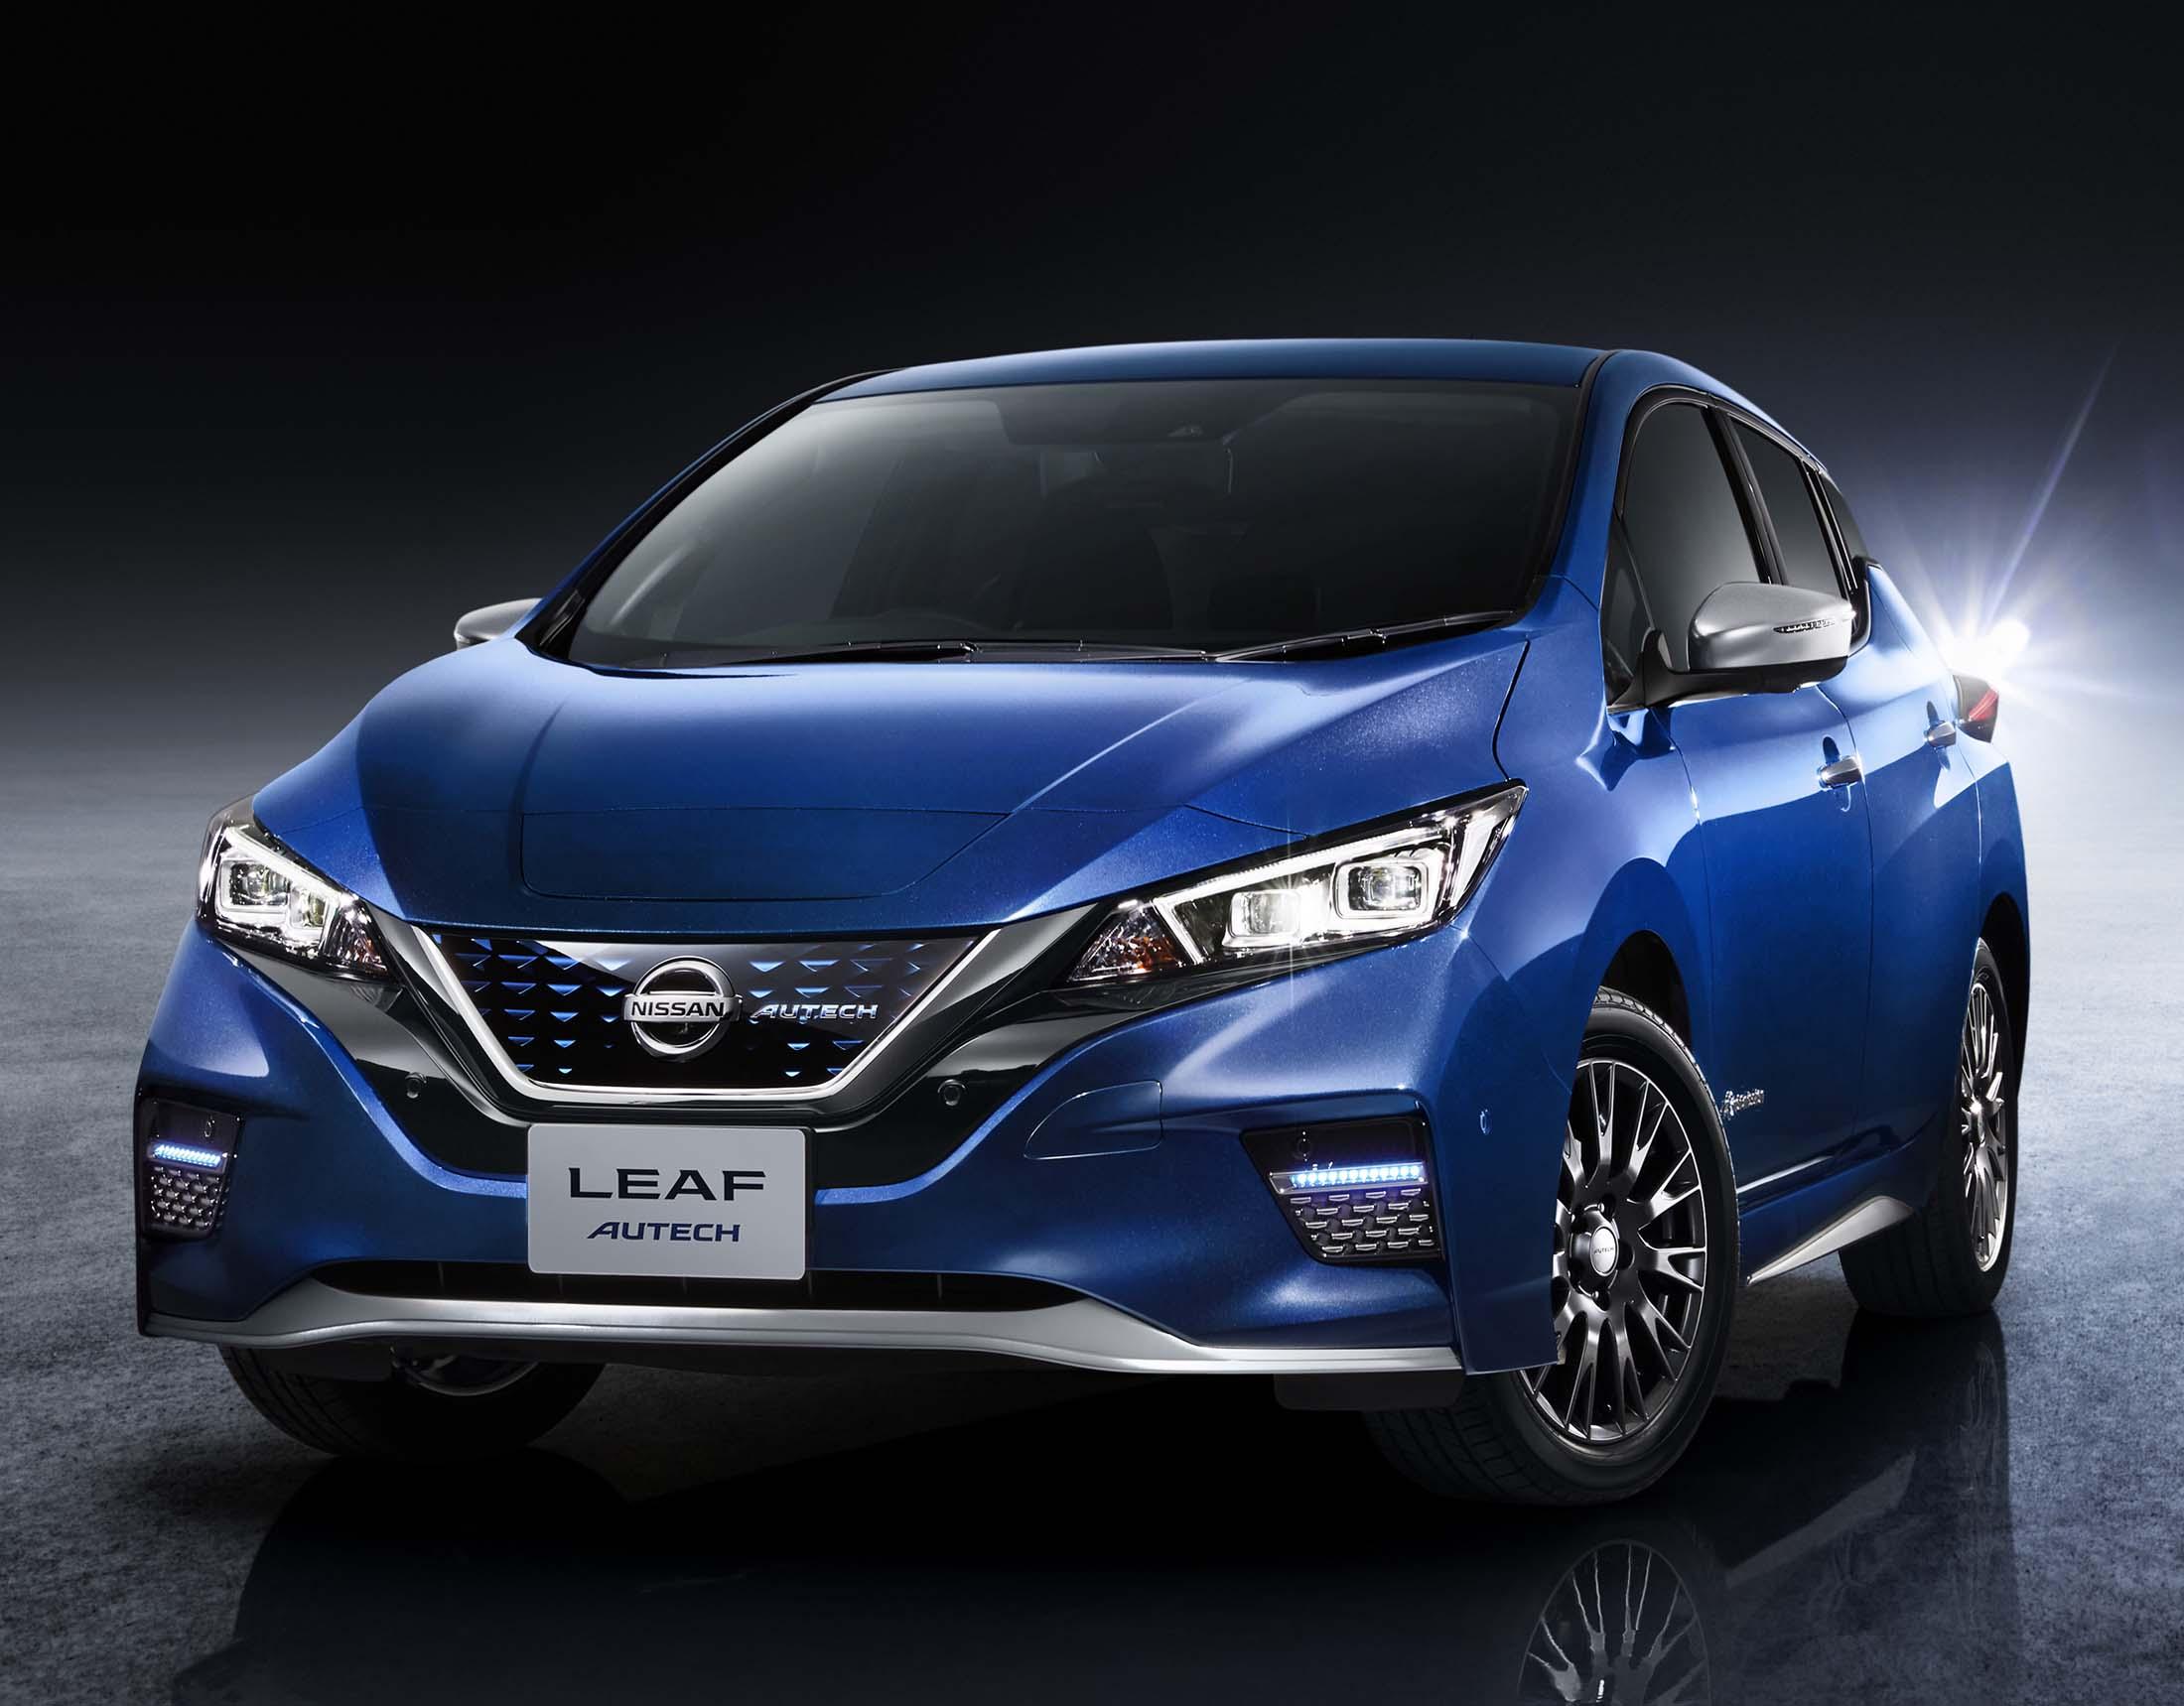 Nissan-Leaf-Autech-1